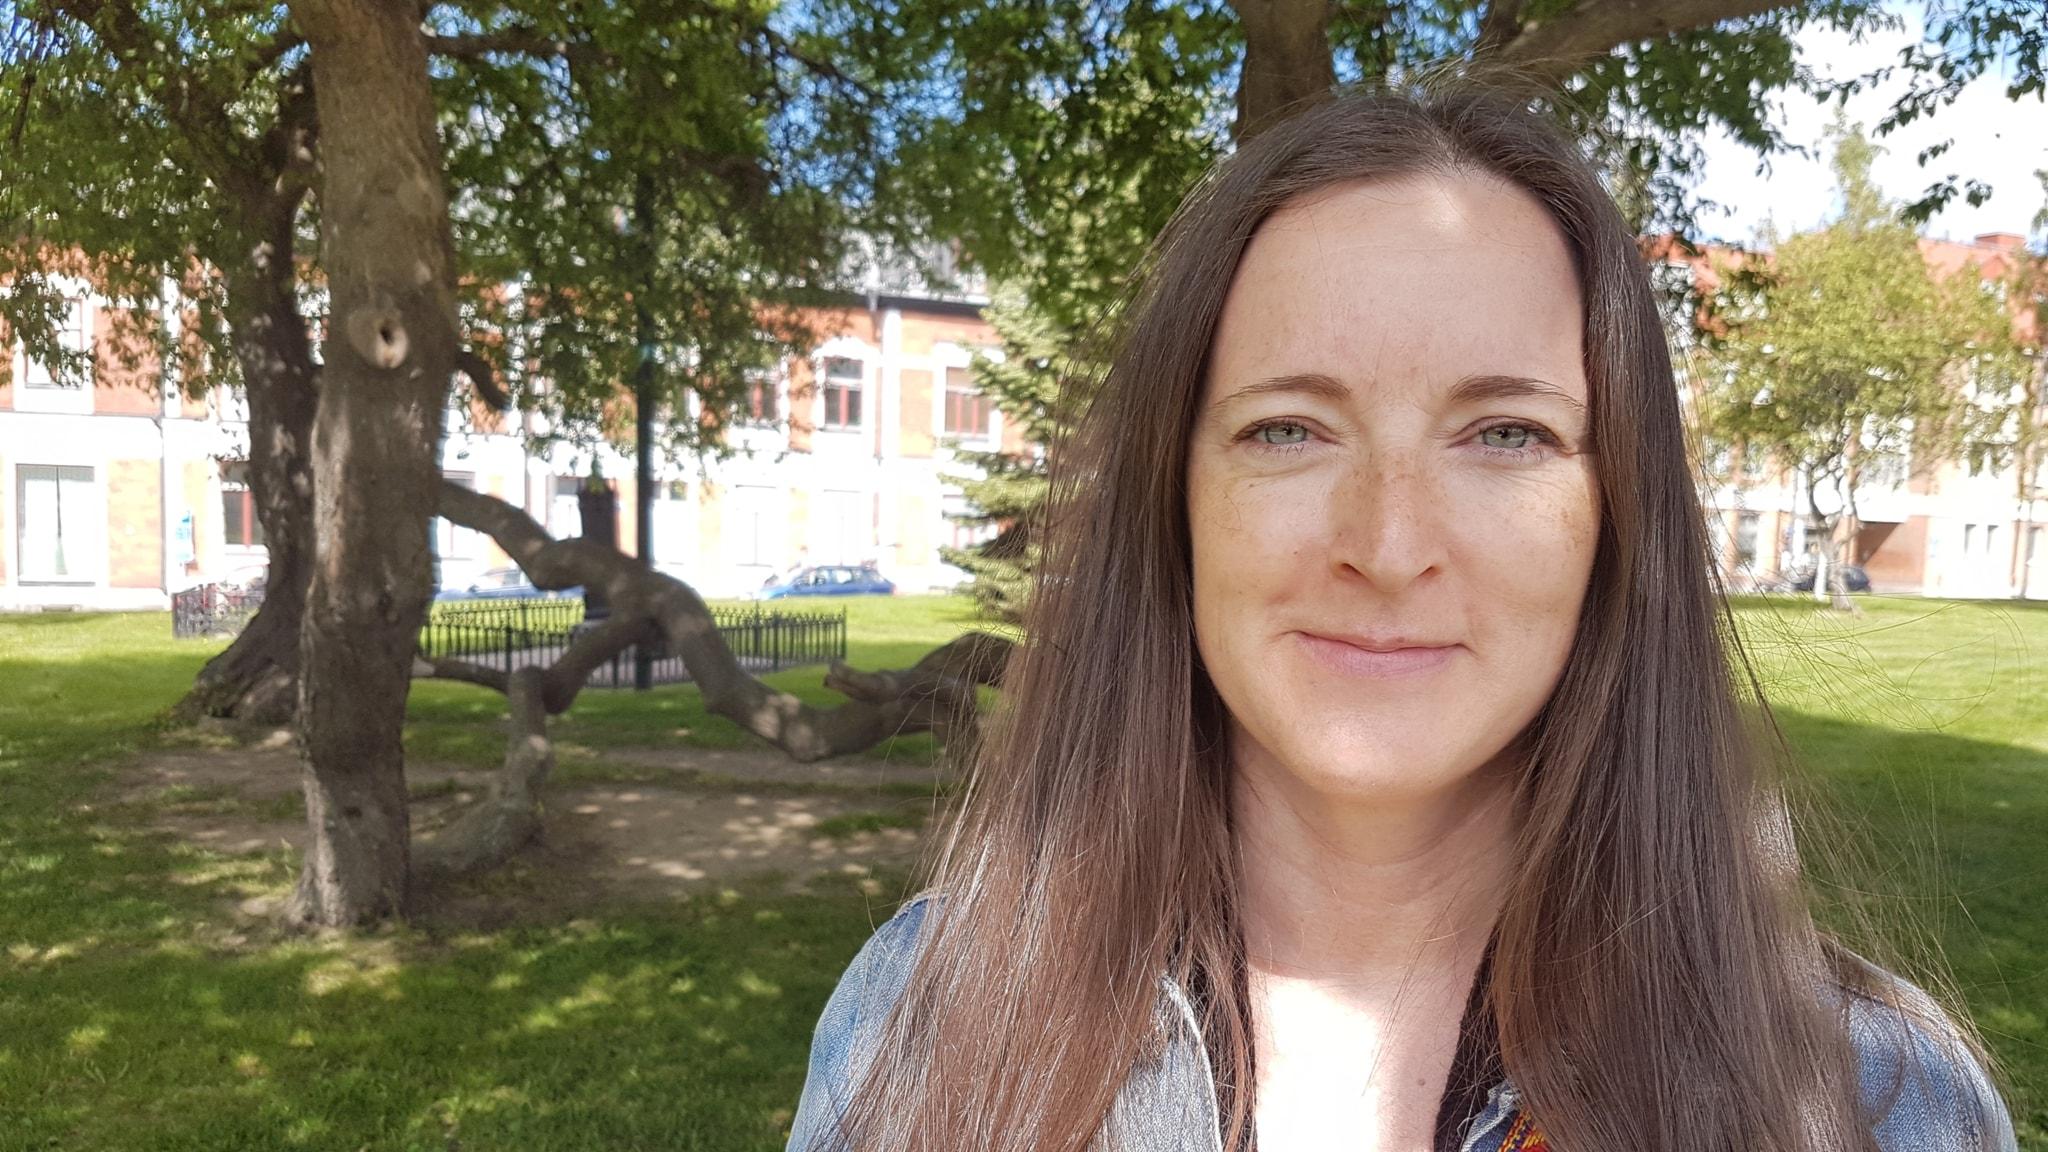 Katarina Hällgren - Kanske jag skulle byta efternamn?